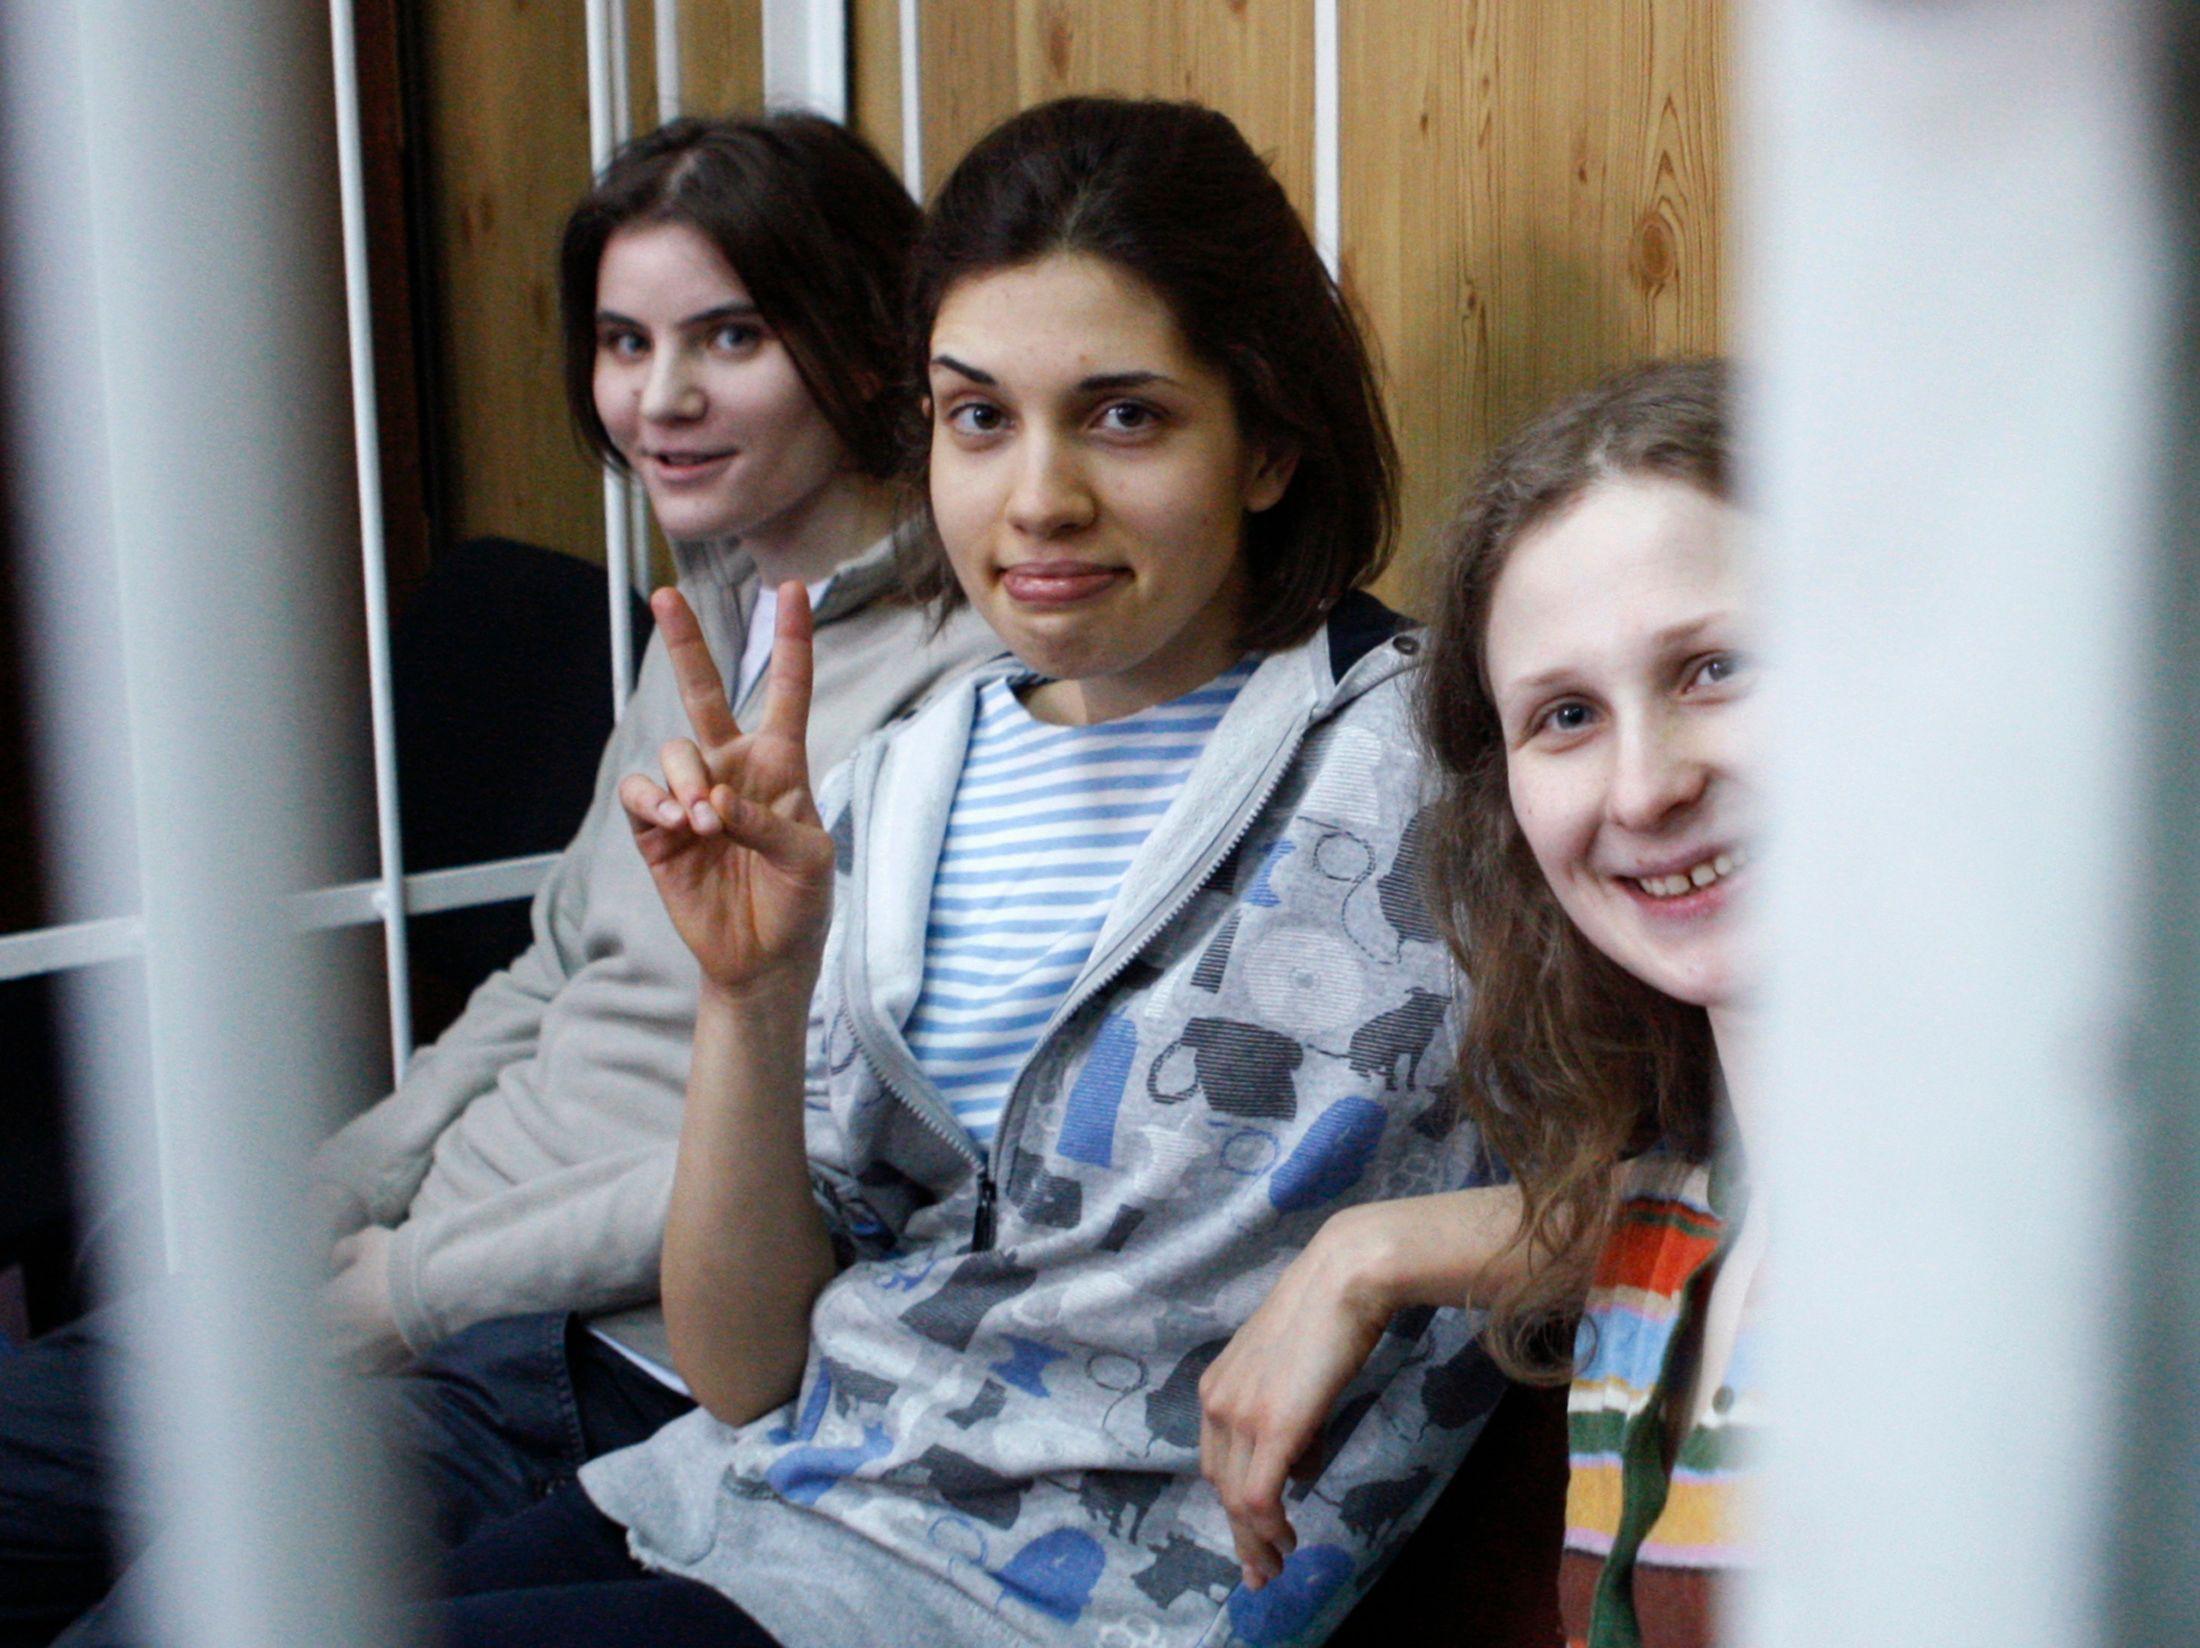 Le procès du groupe Pussy Riot s'ouvre ce vendredi en Russie.